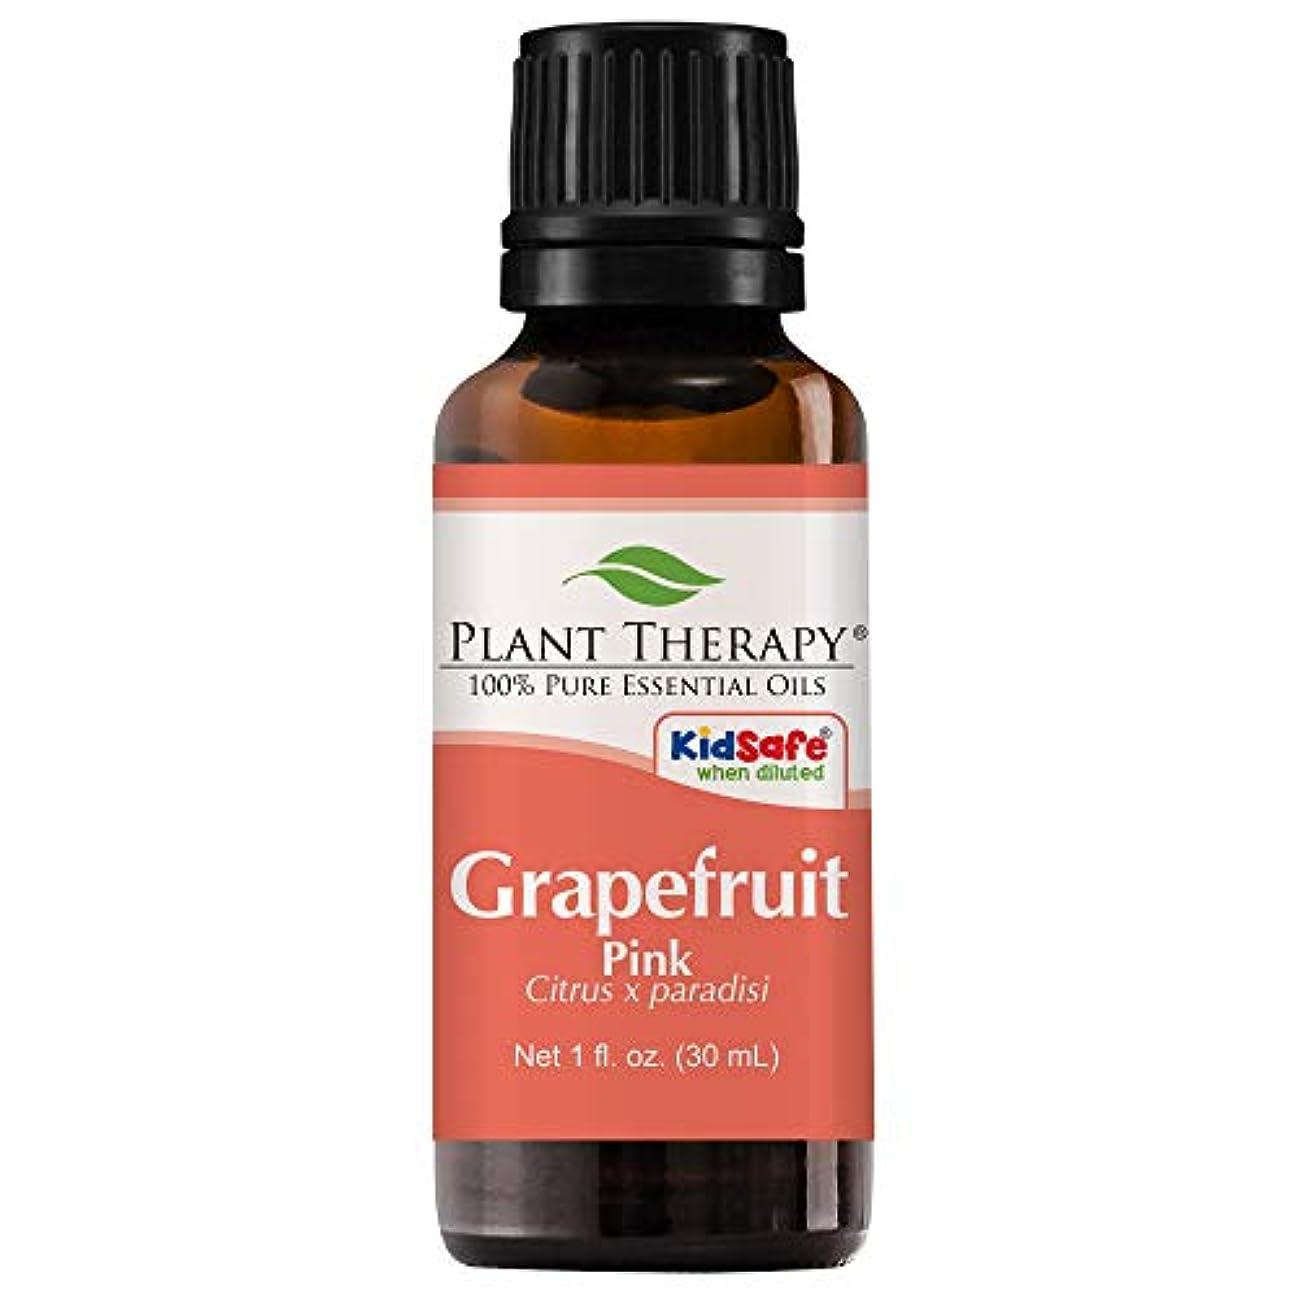 欠点マグライバル植物セラピーグレープフルーツ(ピンク)エッセンシャルオイル。 100%ピュア、希釈していない、治療グレード。 30ミリリットル(1オンス)